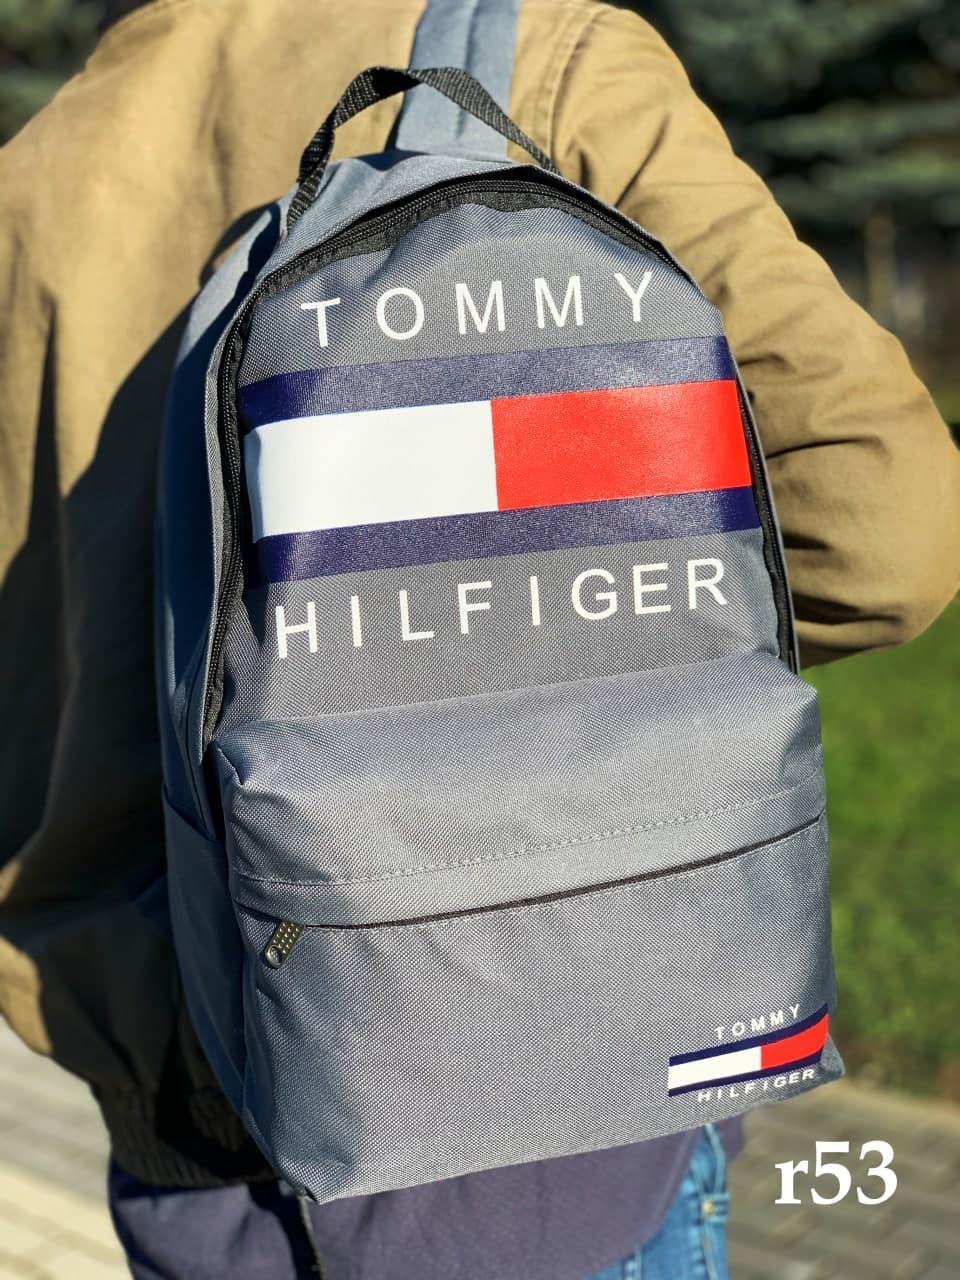 Рюкзак Tommy Hilfiger городской мужской, женский